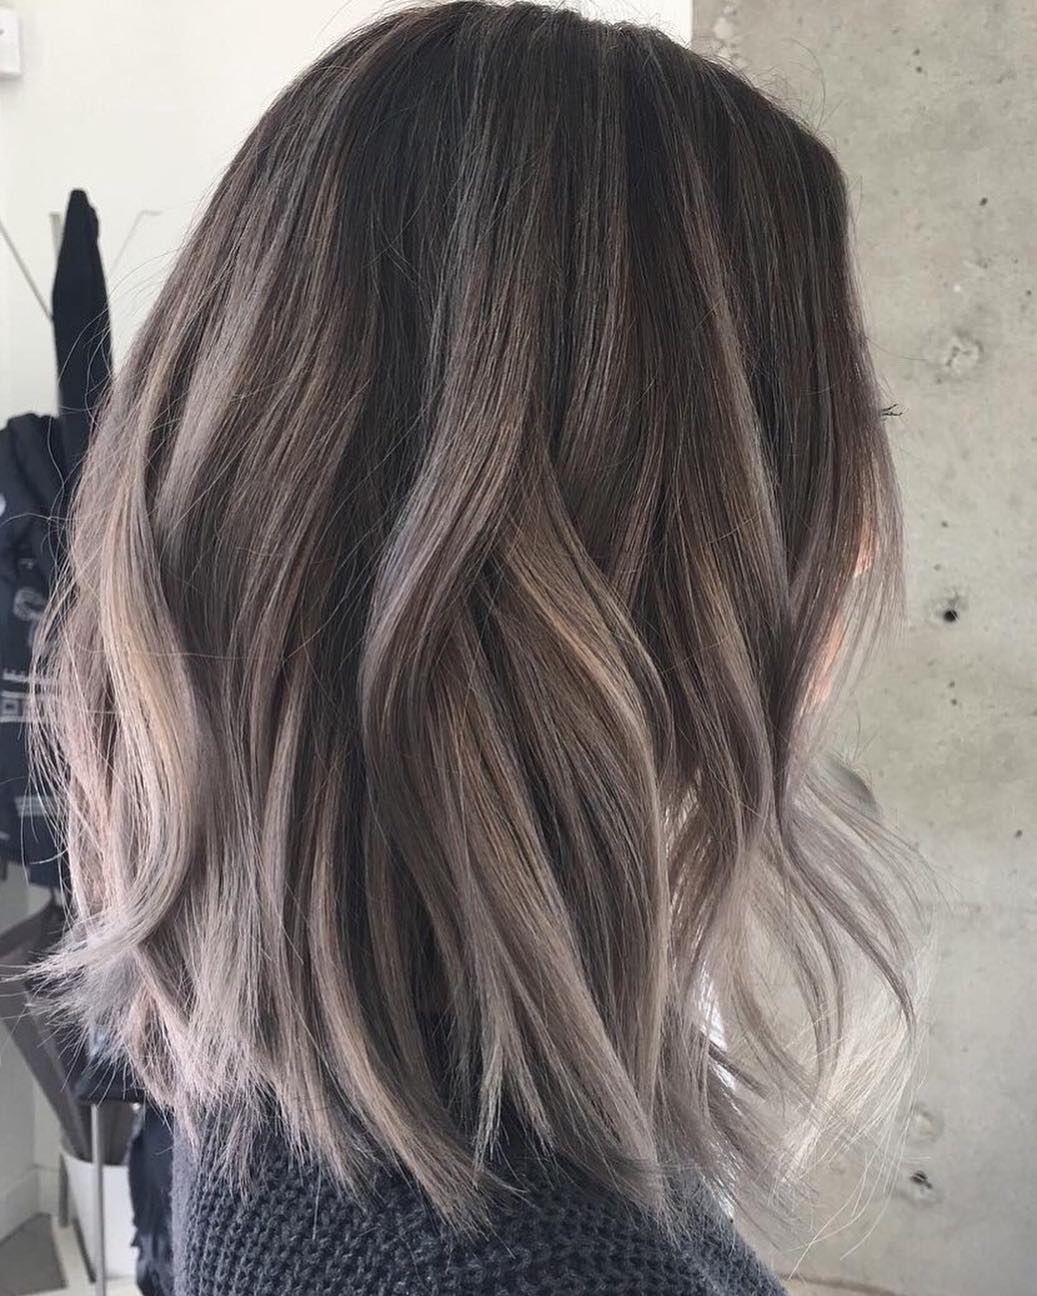 10 medium length hair color ideas 2019 | hair | hair color